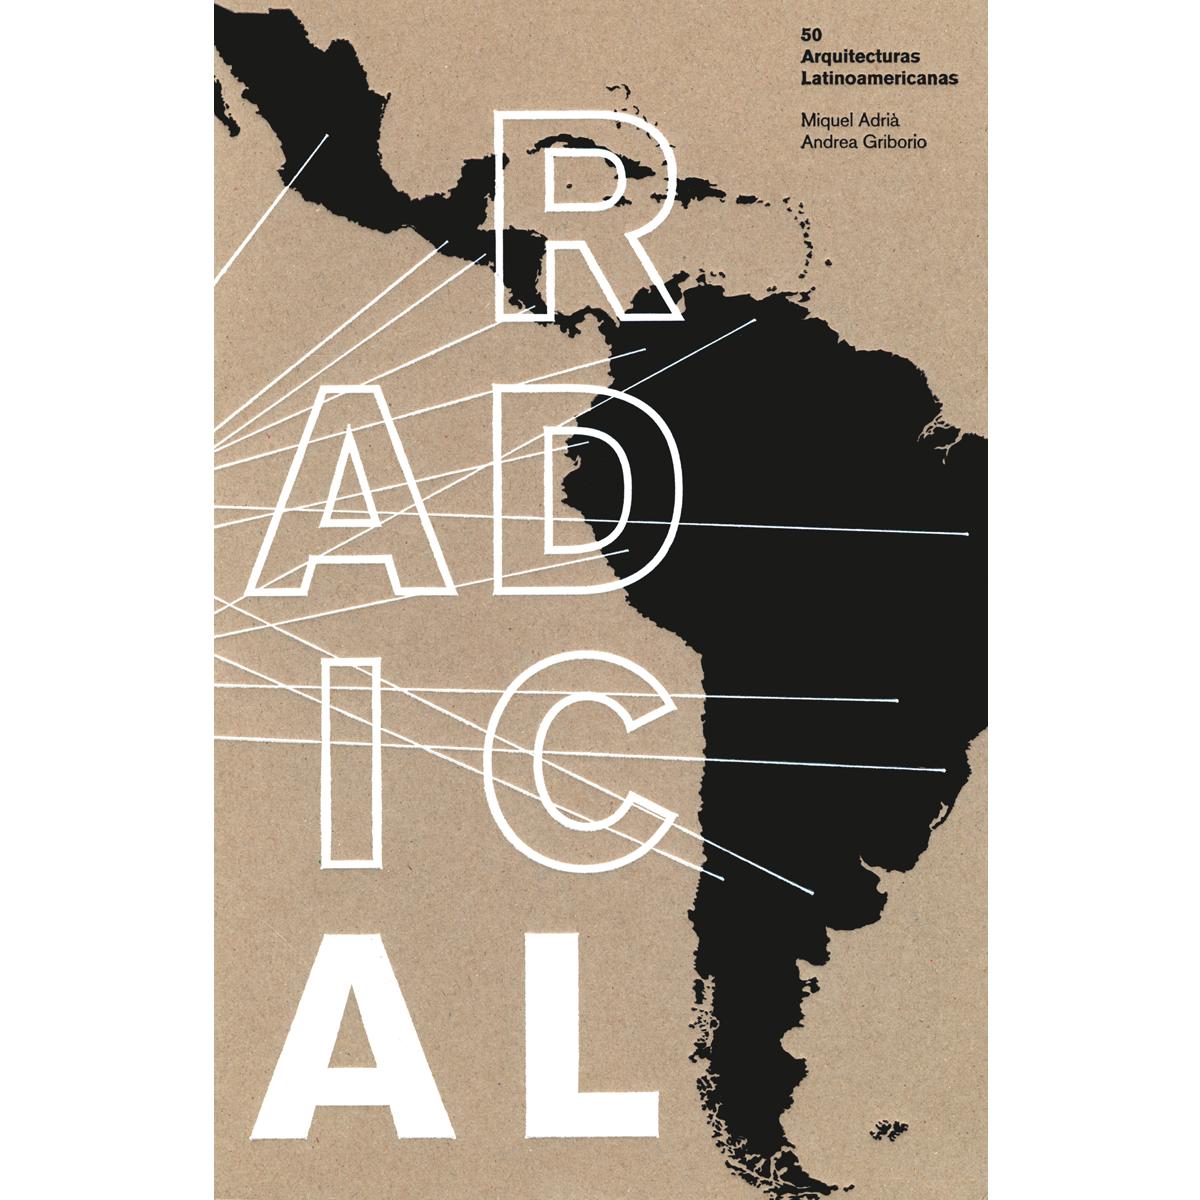 Radical. 50 Arquitecturas Latinoamericanas